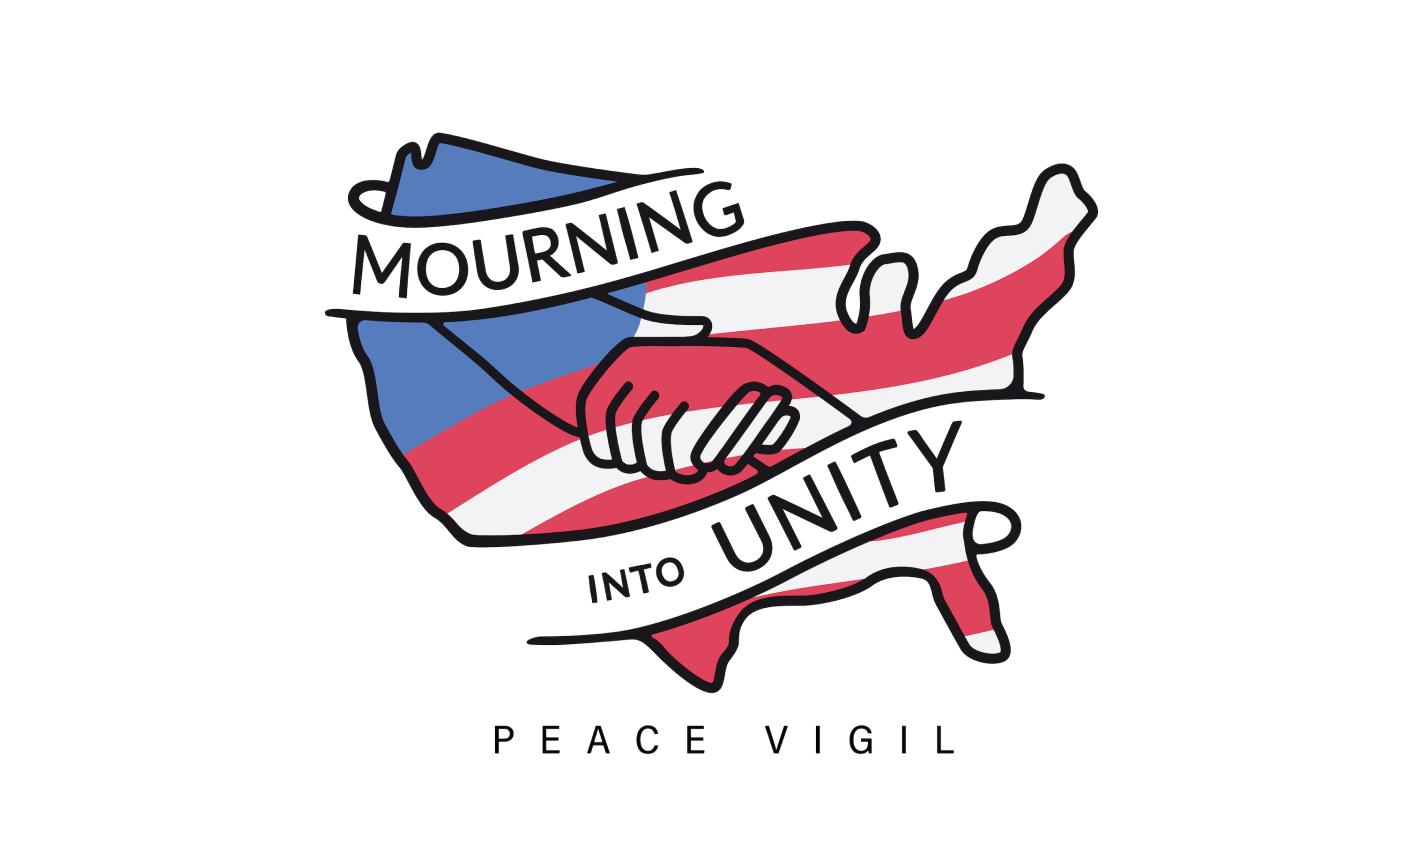 Mourning Into Unity Peace Vigil - Atlanta, Georgia